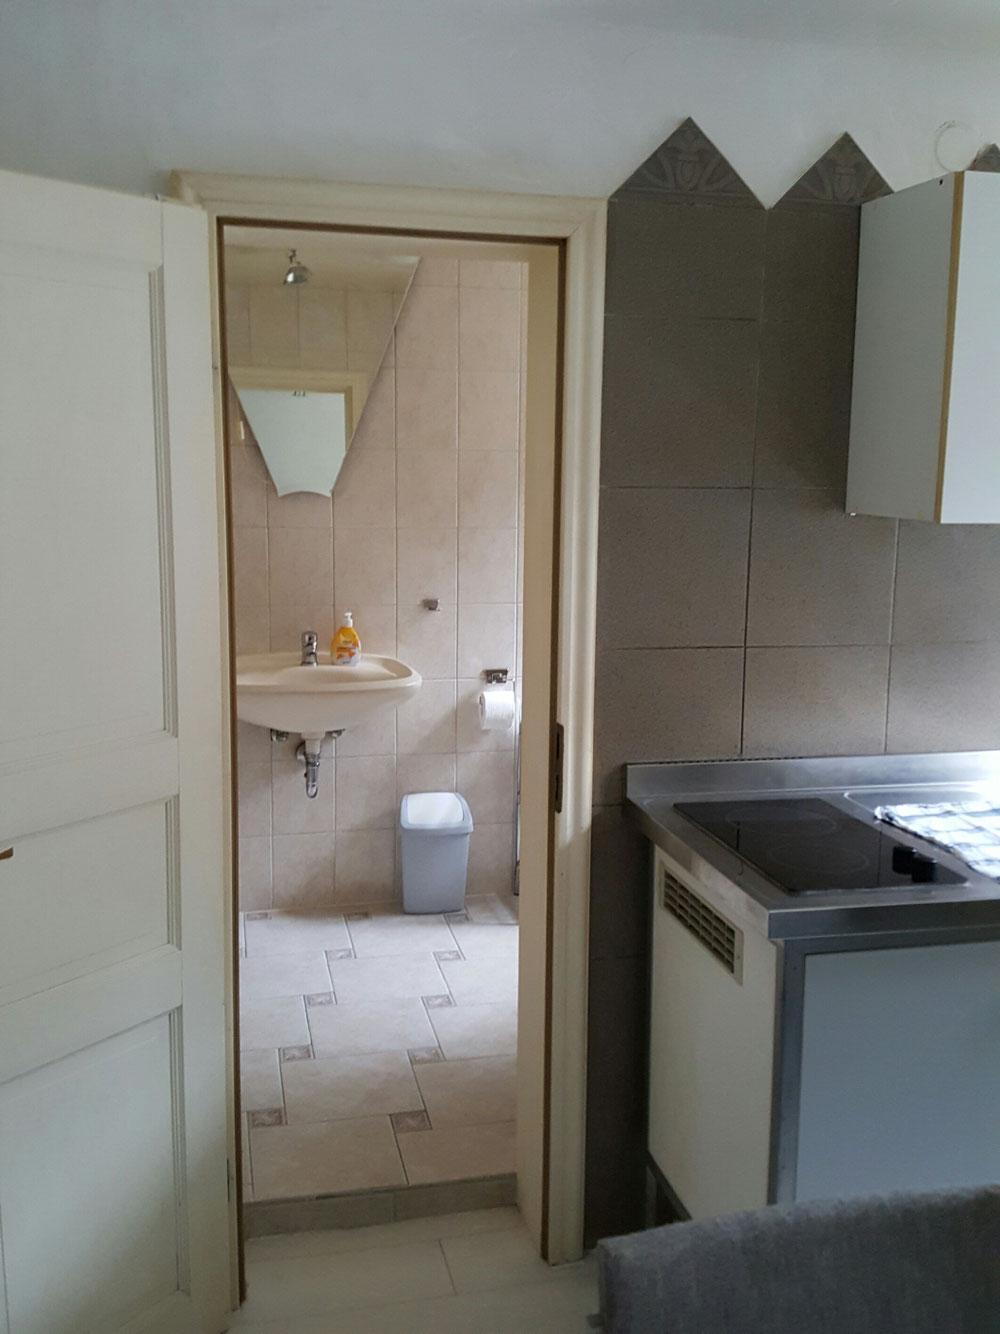 Blick in das Badezimmer mit Dusche, Waschbecken und WC